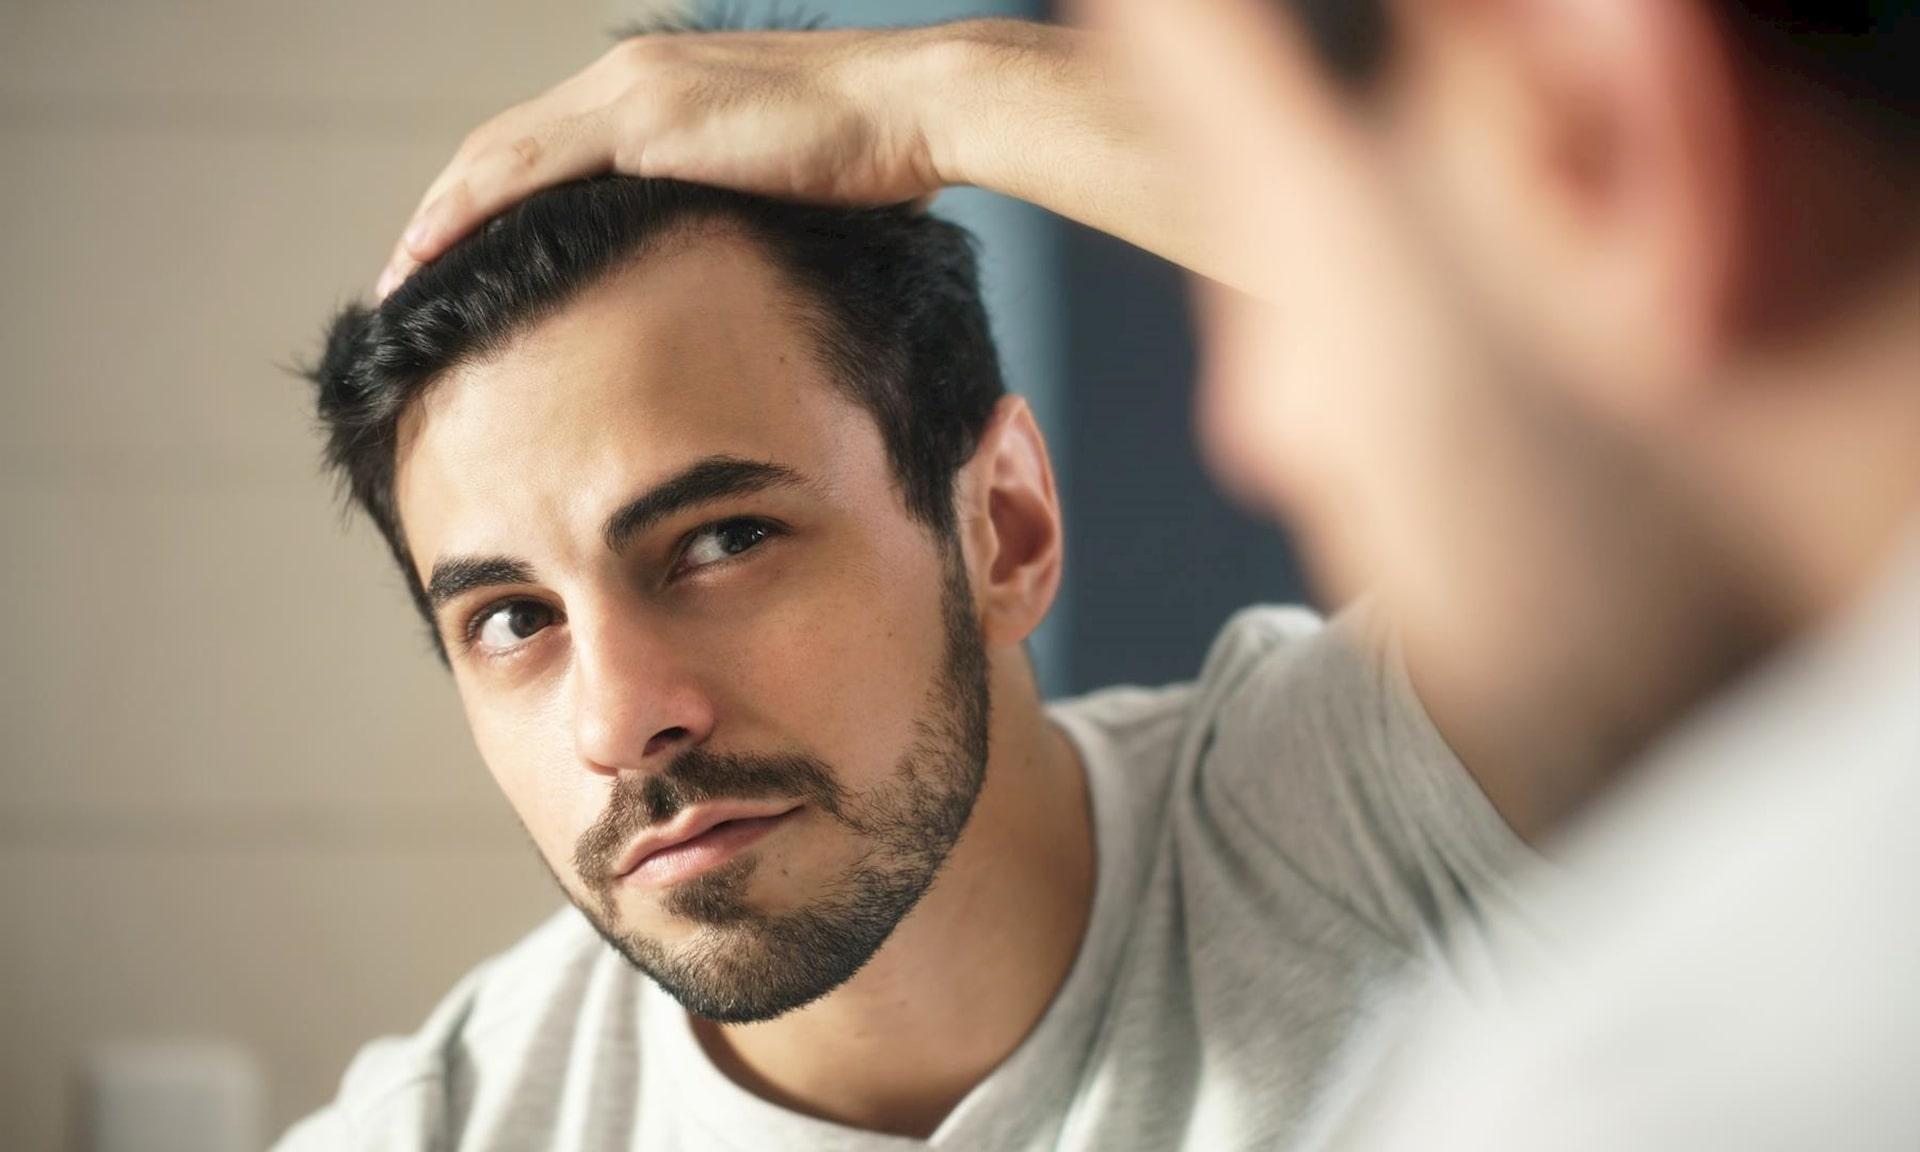 """Keo tạo kiểu """"dỏm"""" chứa cồn khiến tóc bị khô"""